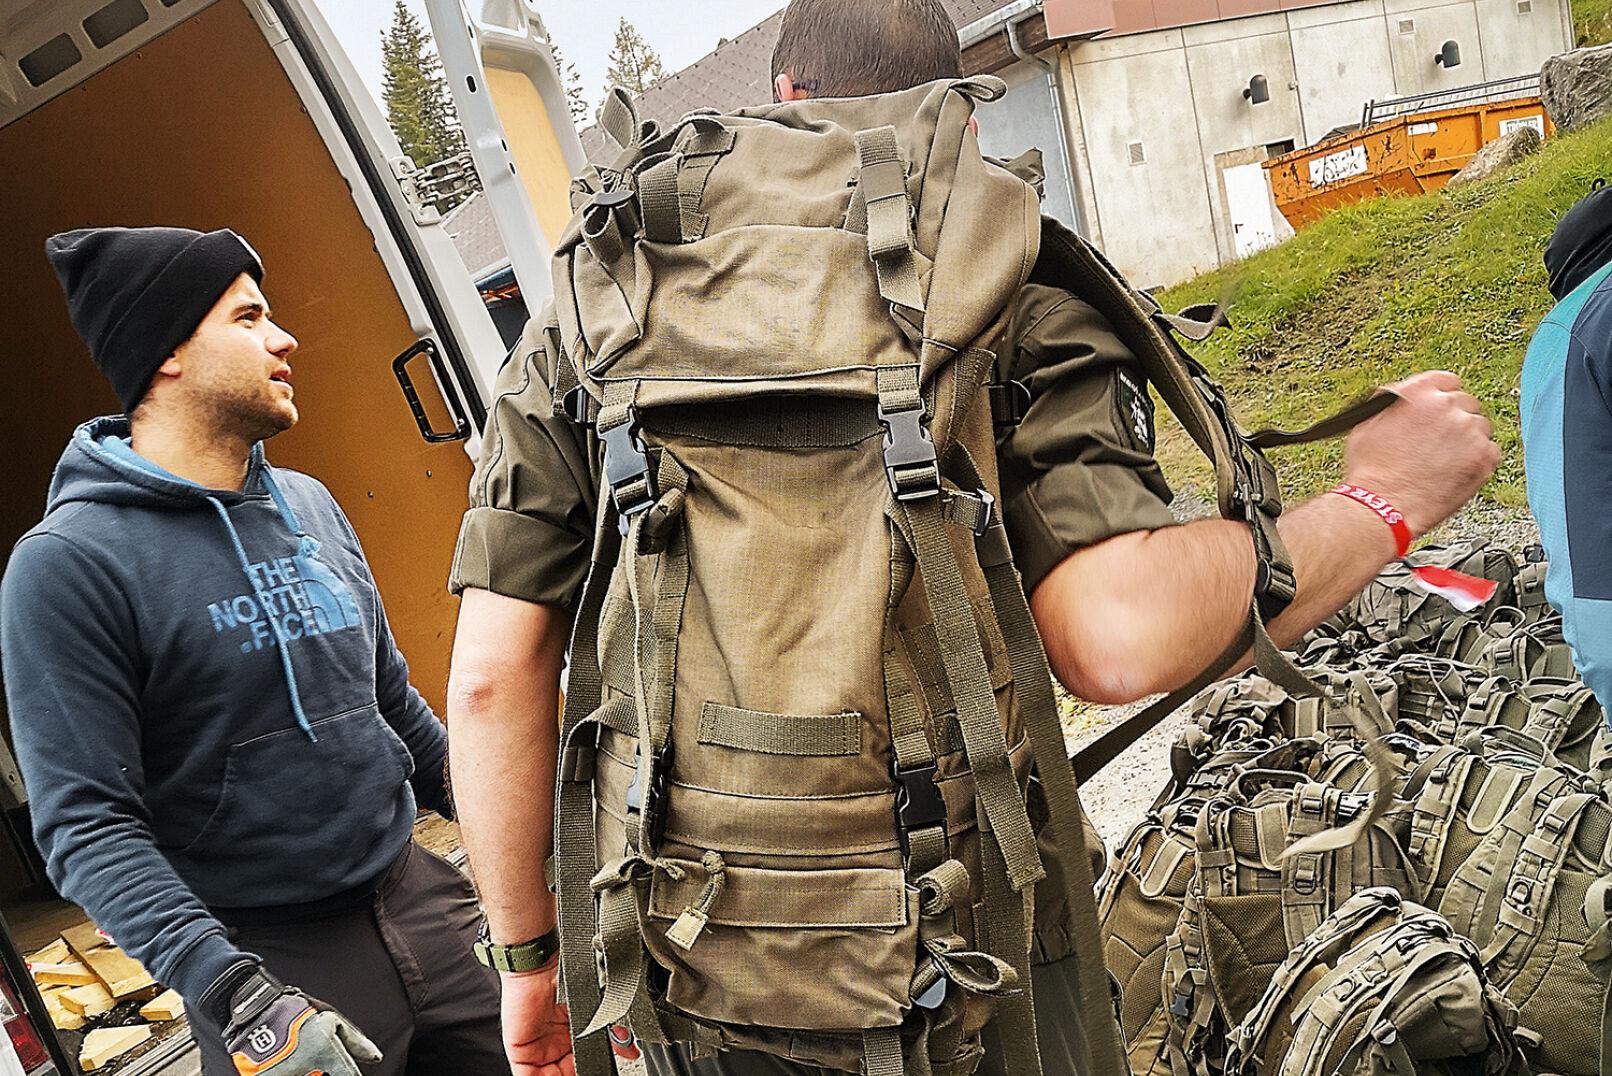 Etwa 1,3 kg bergauf waren mit einem 12- bzw. 15-kg-Rucksack (sandbefüllt) zu absolvieren. - © Michaela Landbauer